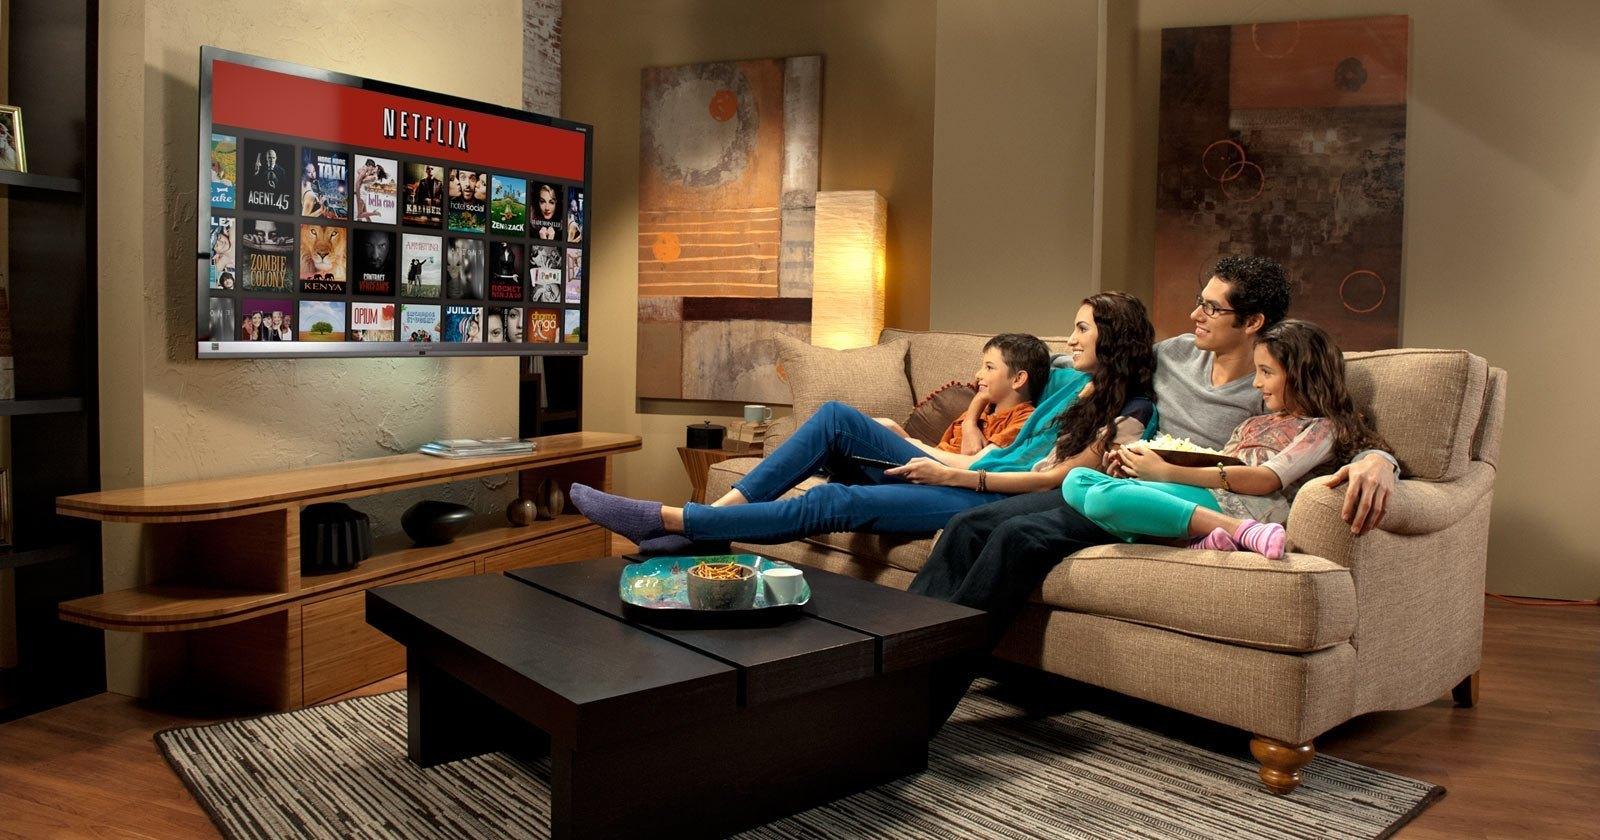 Взять высоту: как правильно повесить телевизор